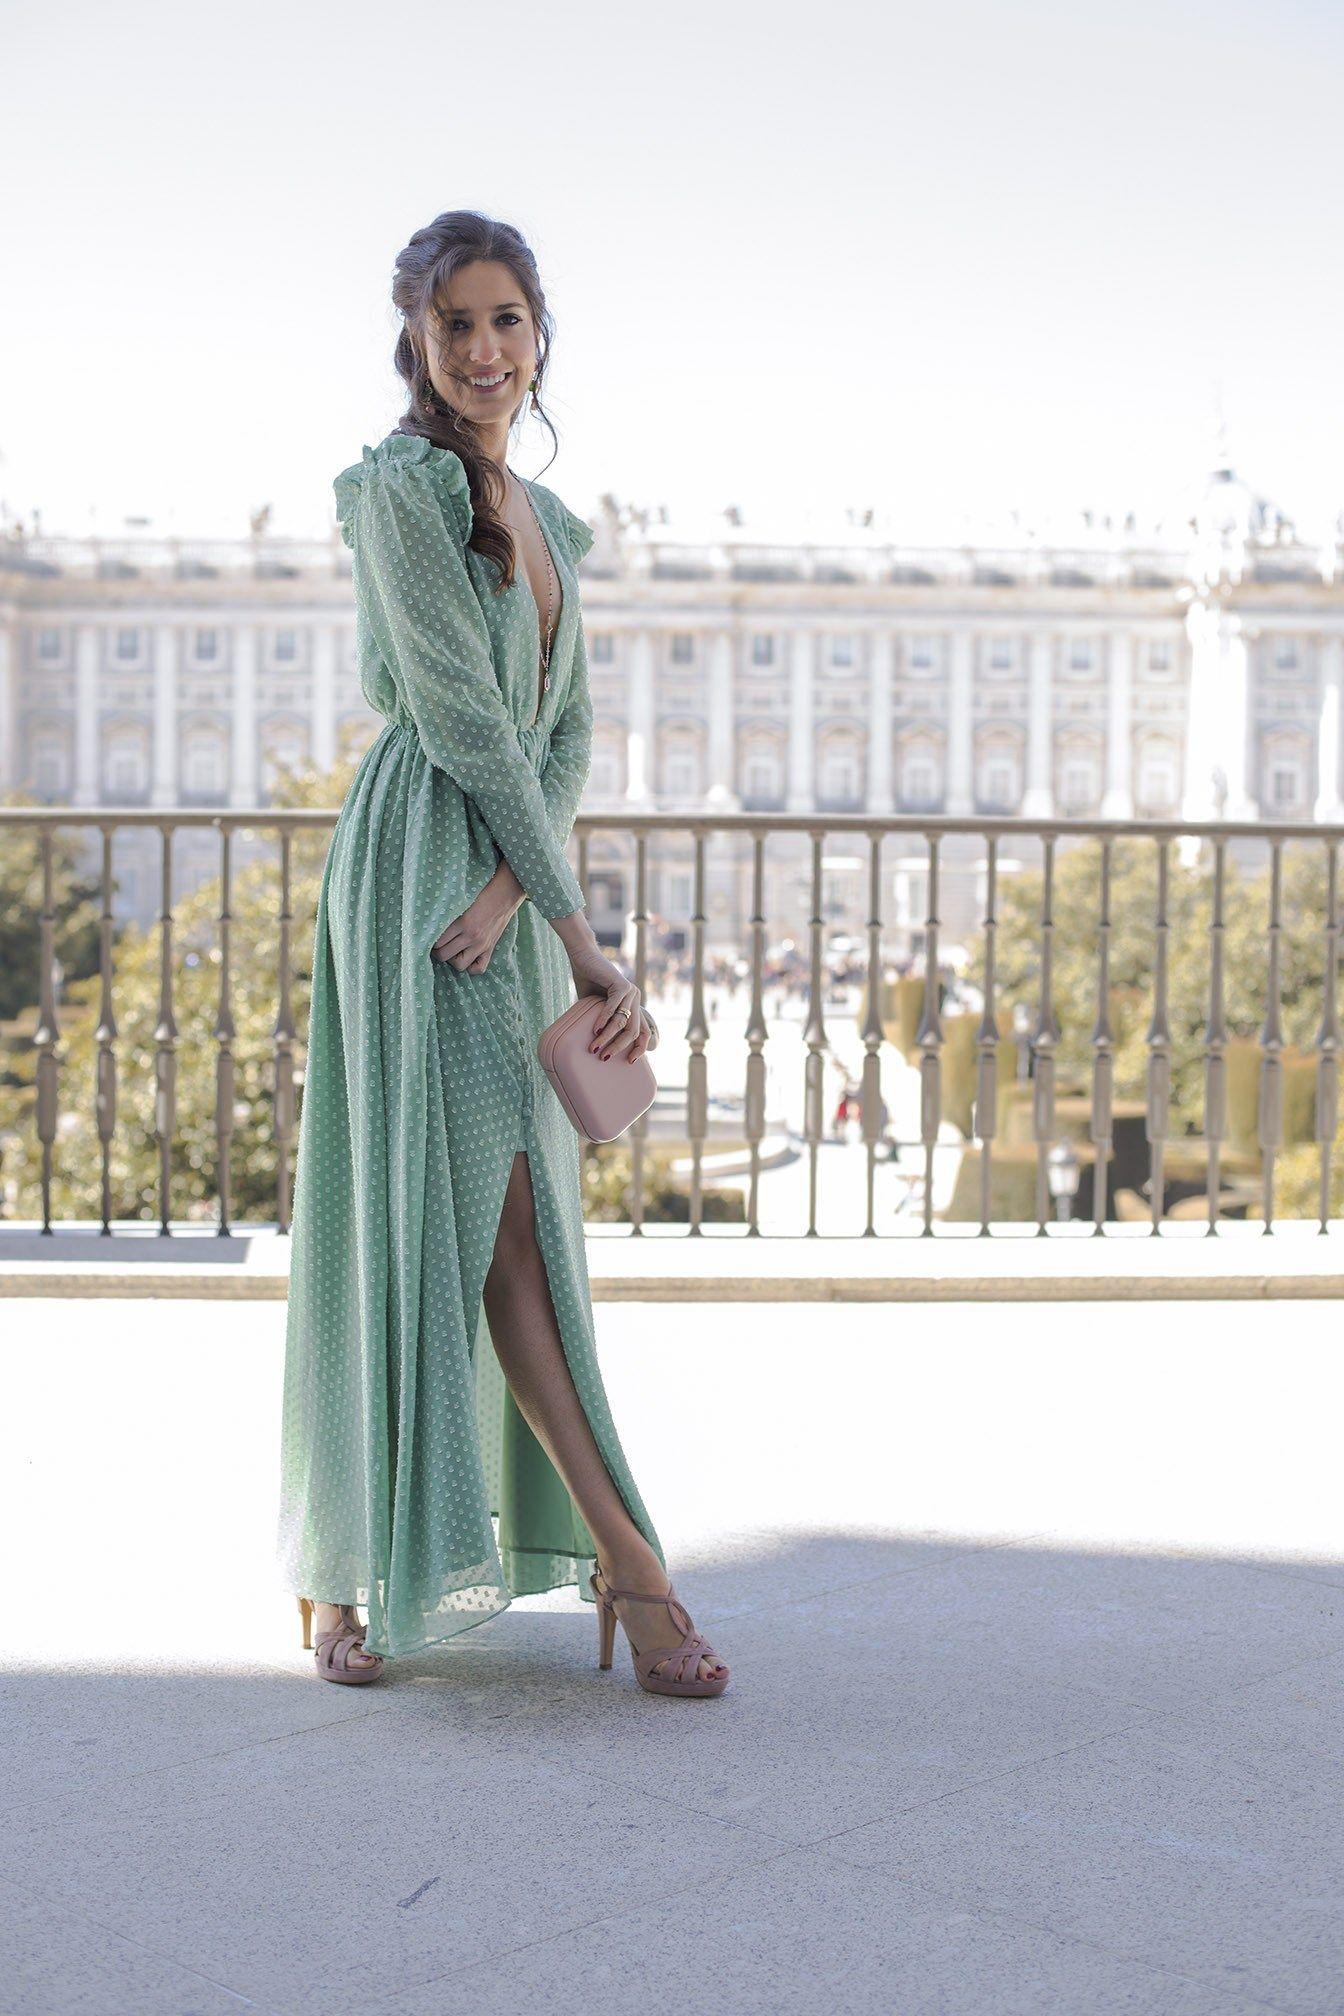 Código promocional color rápido diseño unico Look invitada perfecta boda noche vestido largo plumeti ...